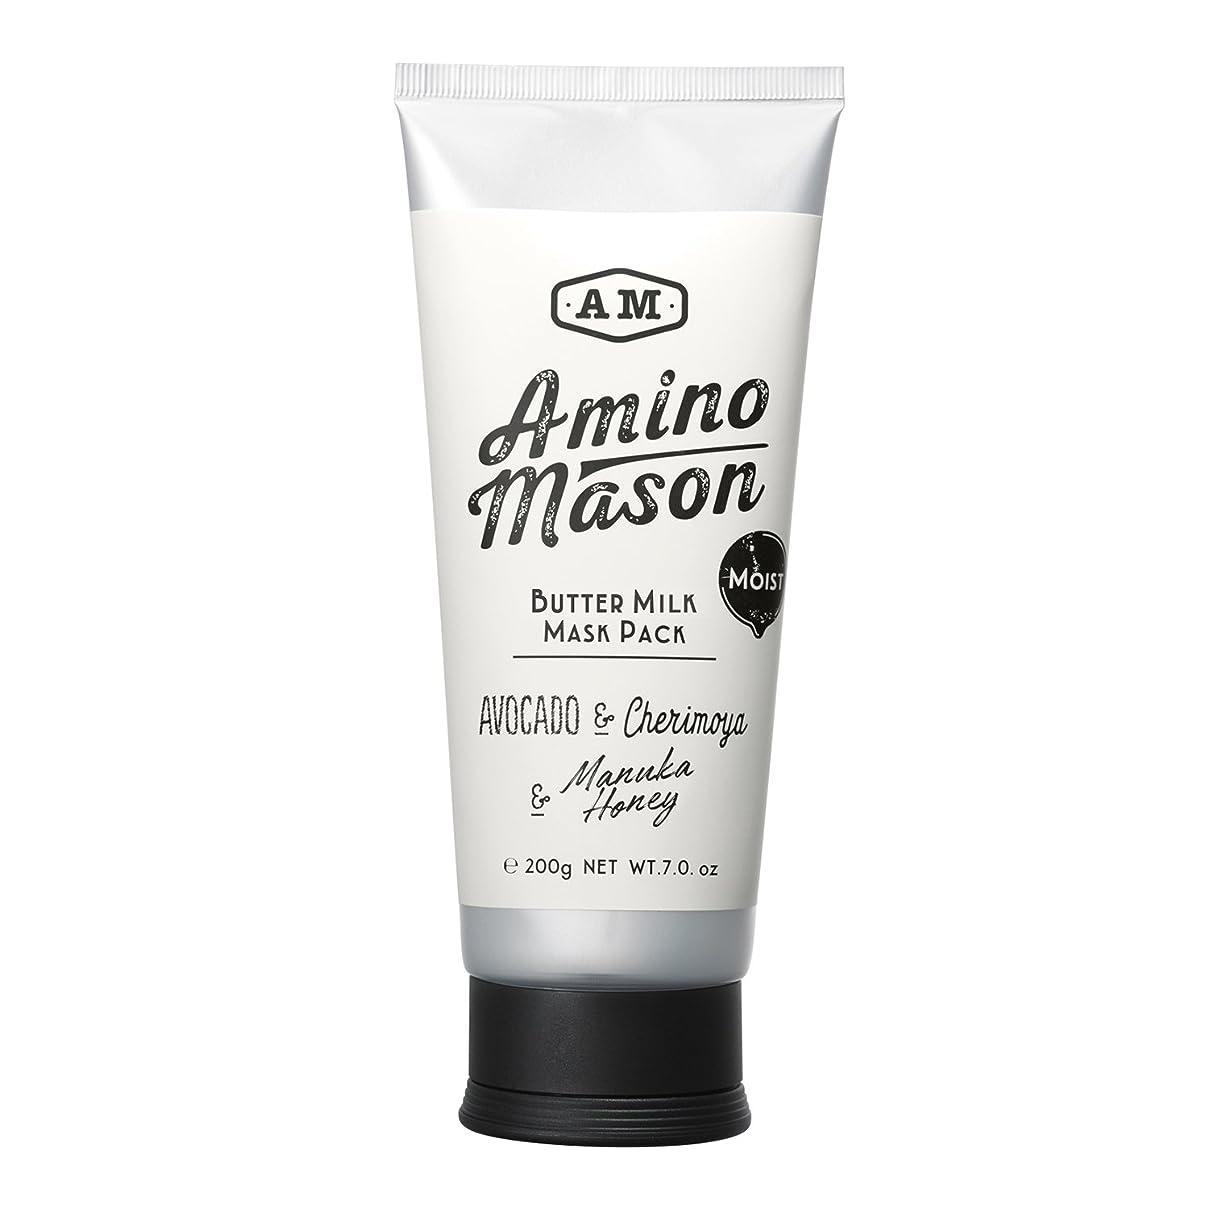 クラックポットサンダル上に築きます【大人気】 ステラシード アミノメイソン モイスト バターミルク ヘアマスクパック 200g